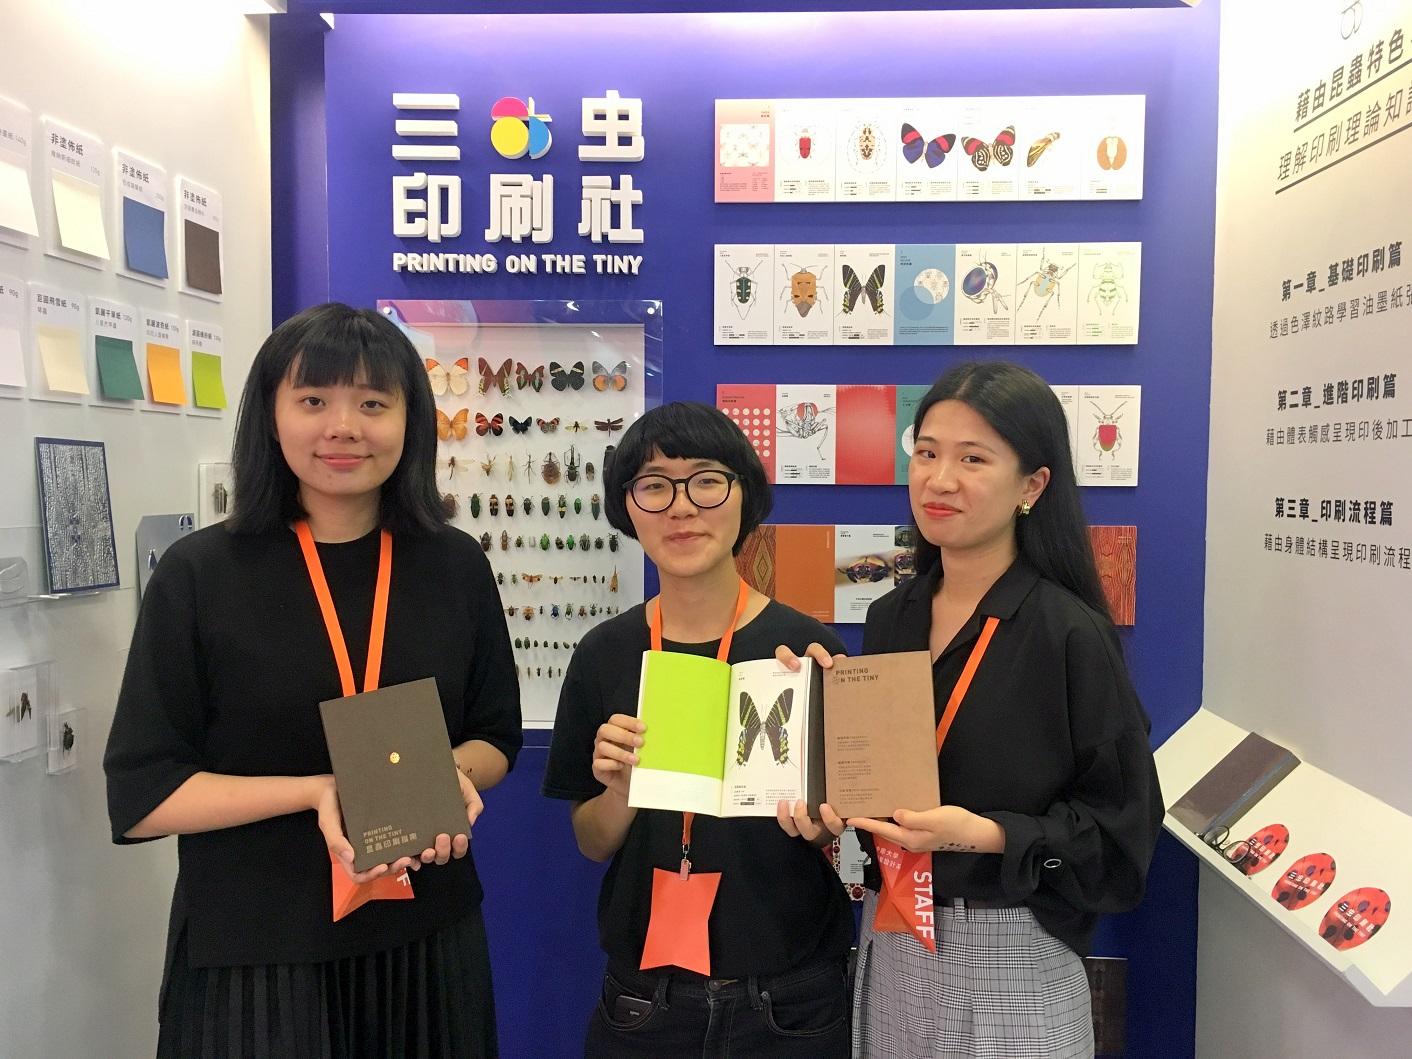 06-「三虫印刷社」由三位學生自費設計出版「昆蟲印刷指南」幫助設計科系學生歸納整理基礎印刷知識.JPG